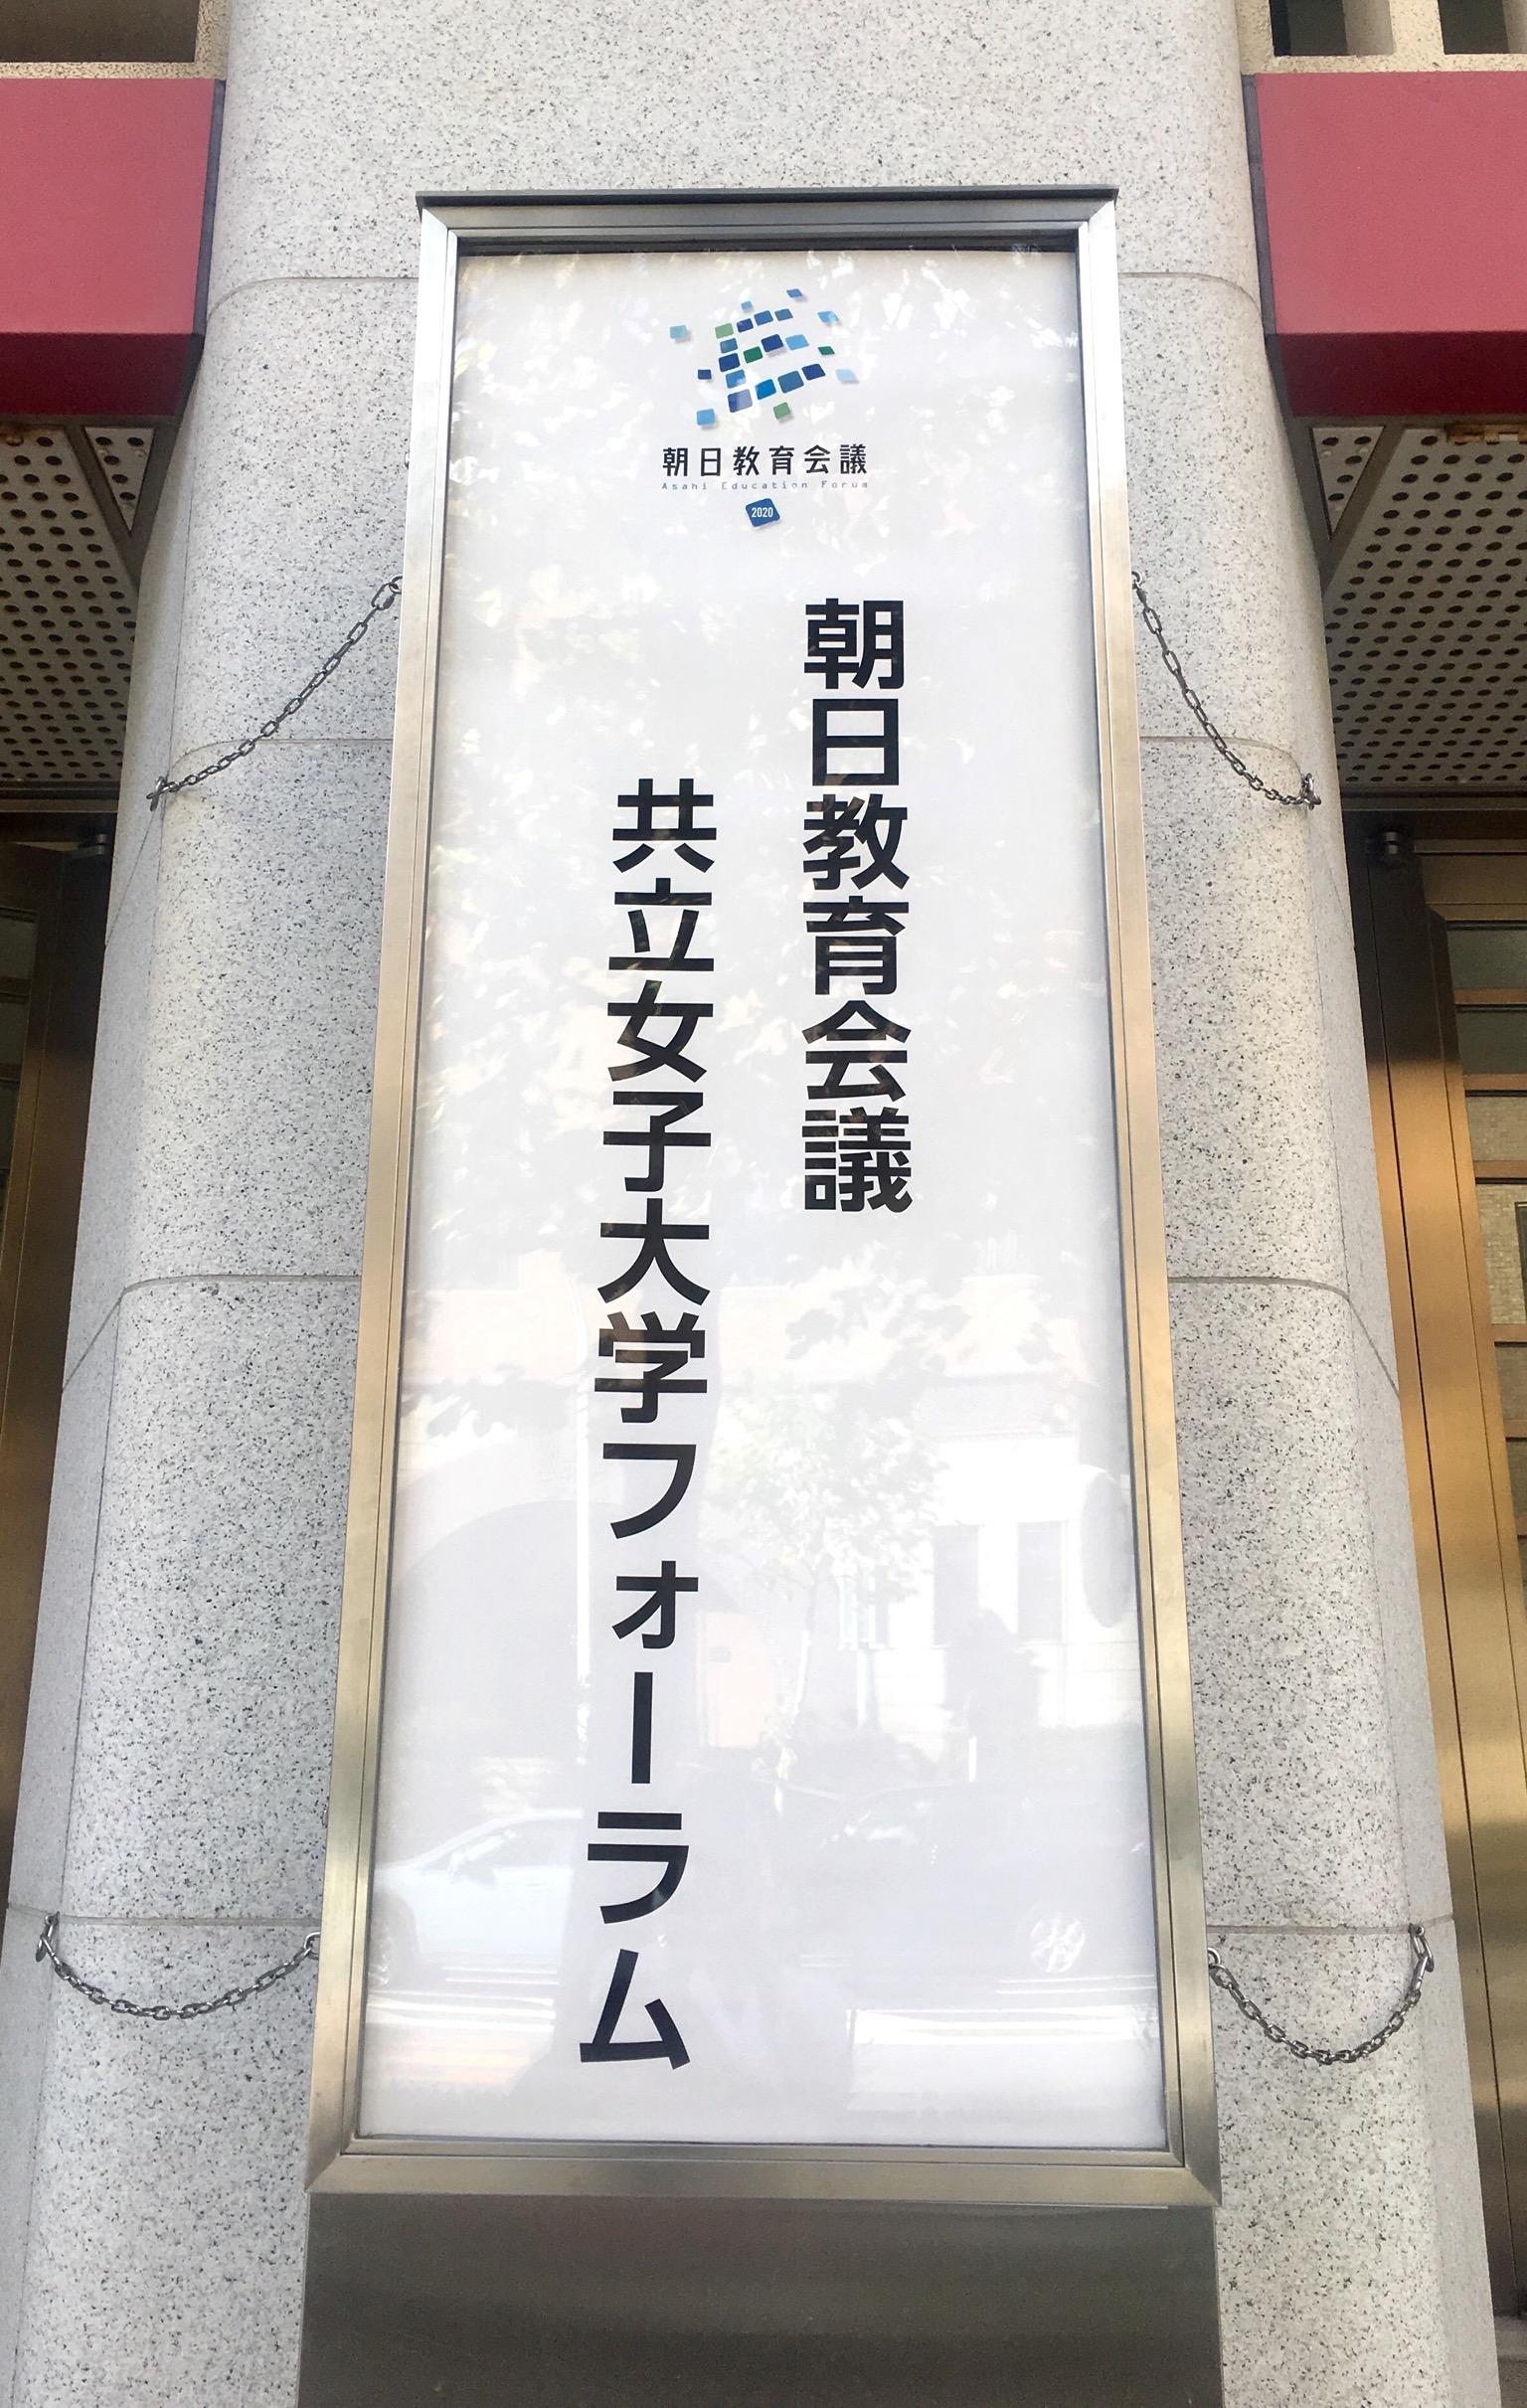 朝日教育会議